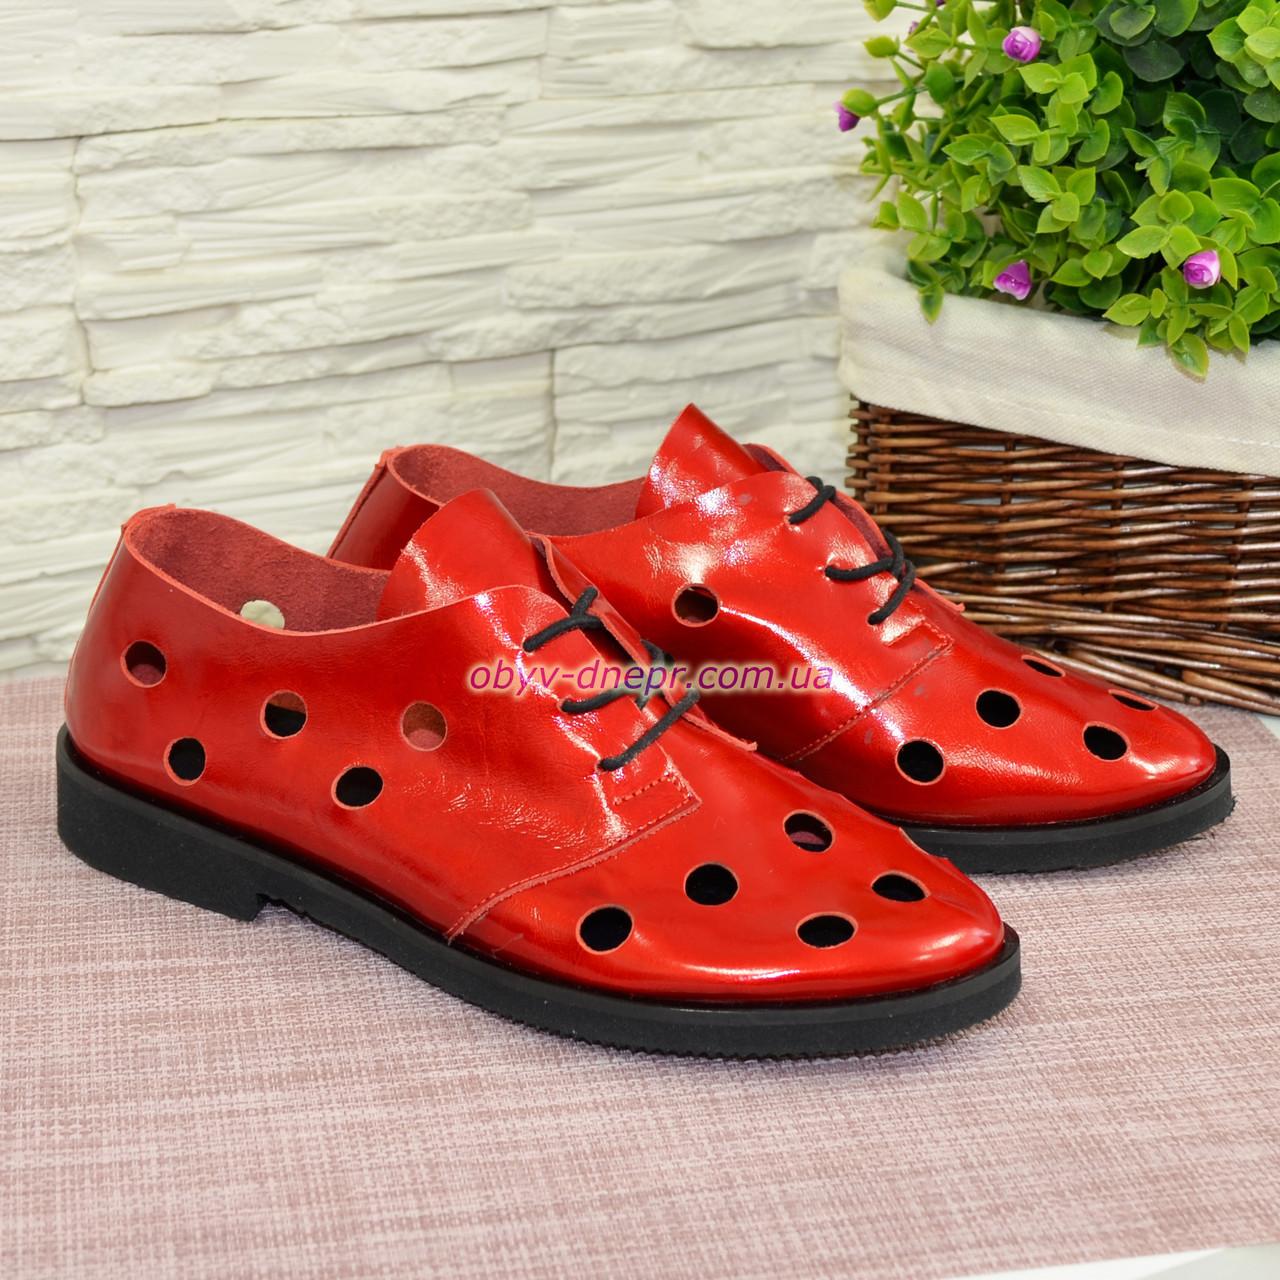 Туфли женские лаковые на плоской подошве, на шнурках. Облегченный вариант